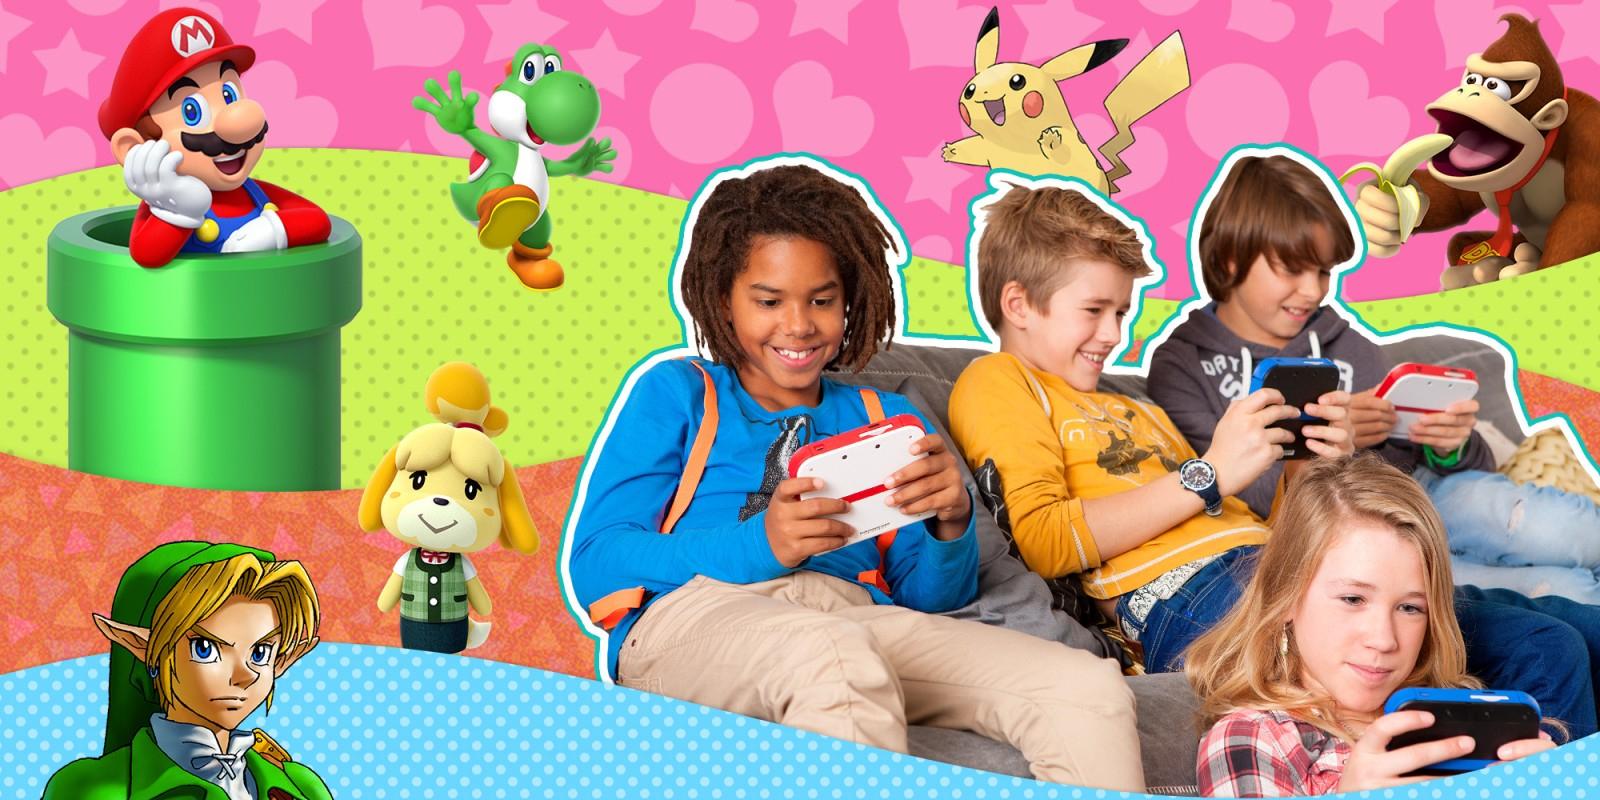 Jeux Nintendo Pour Les Enfants | Nintendo tout Tout Les Jeux De Fille Gratuit